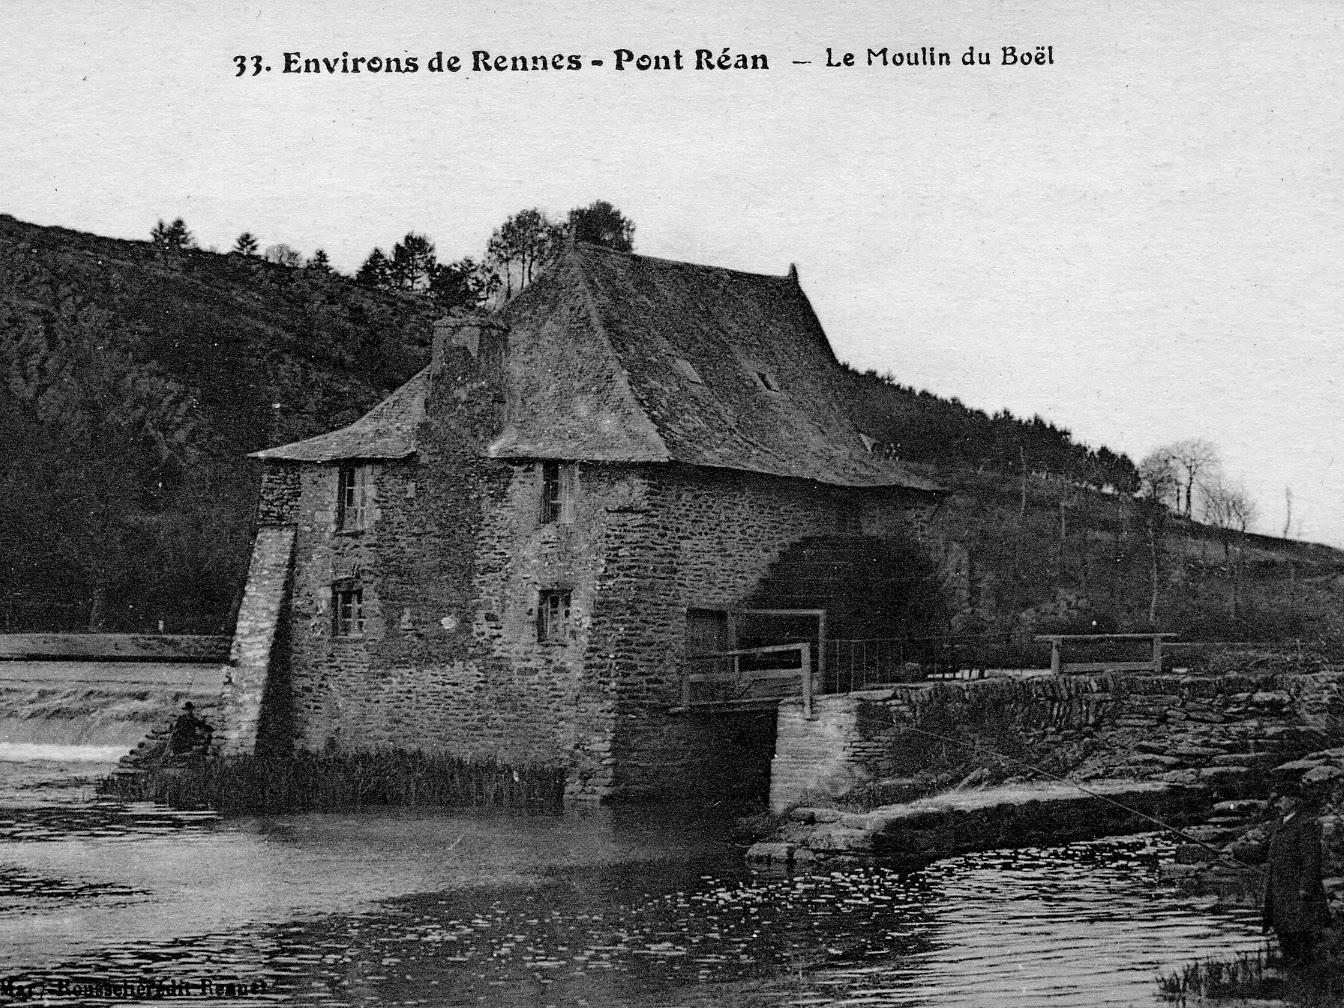 Moulin du bo l blog de l 39 association les amis du bo l for Table 6 laille